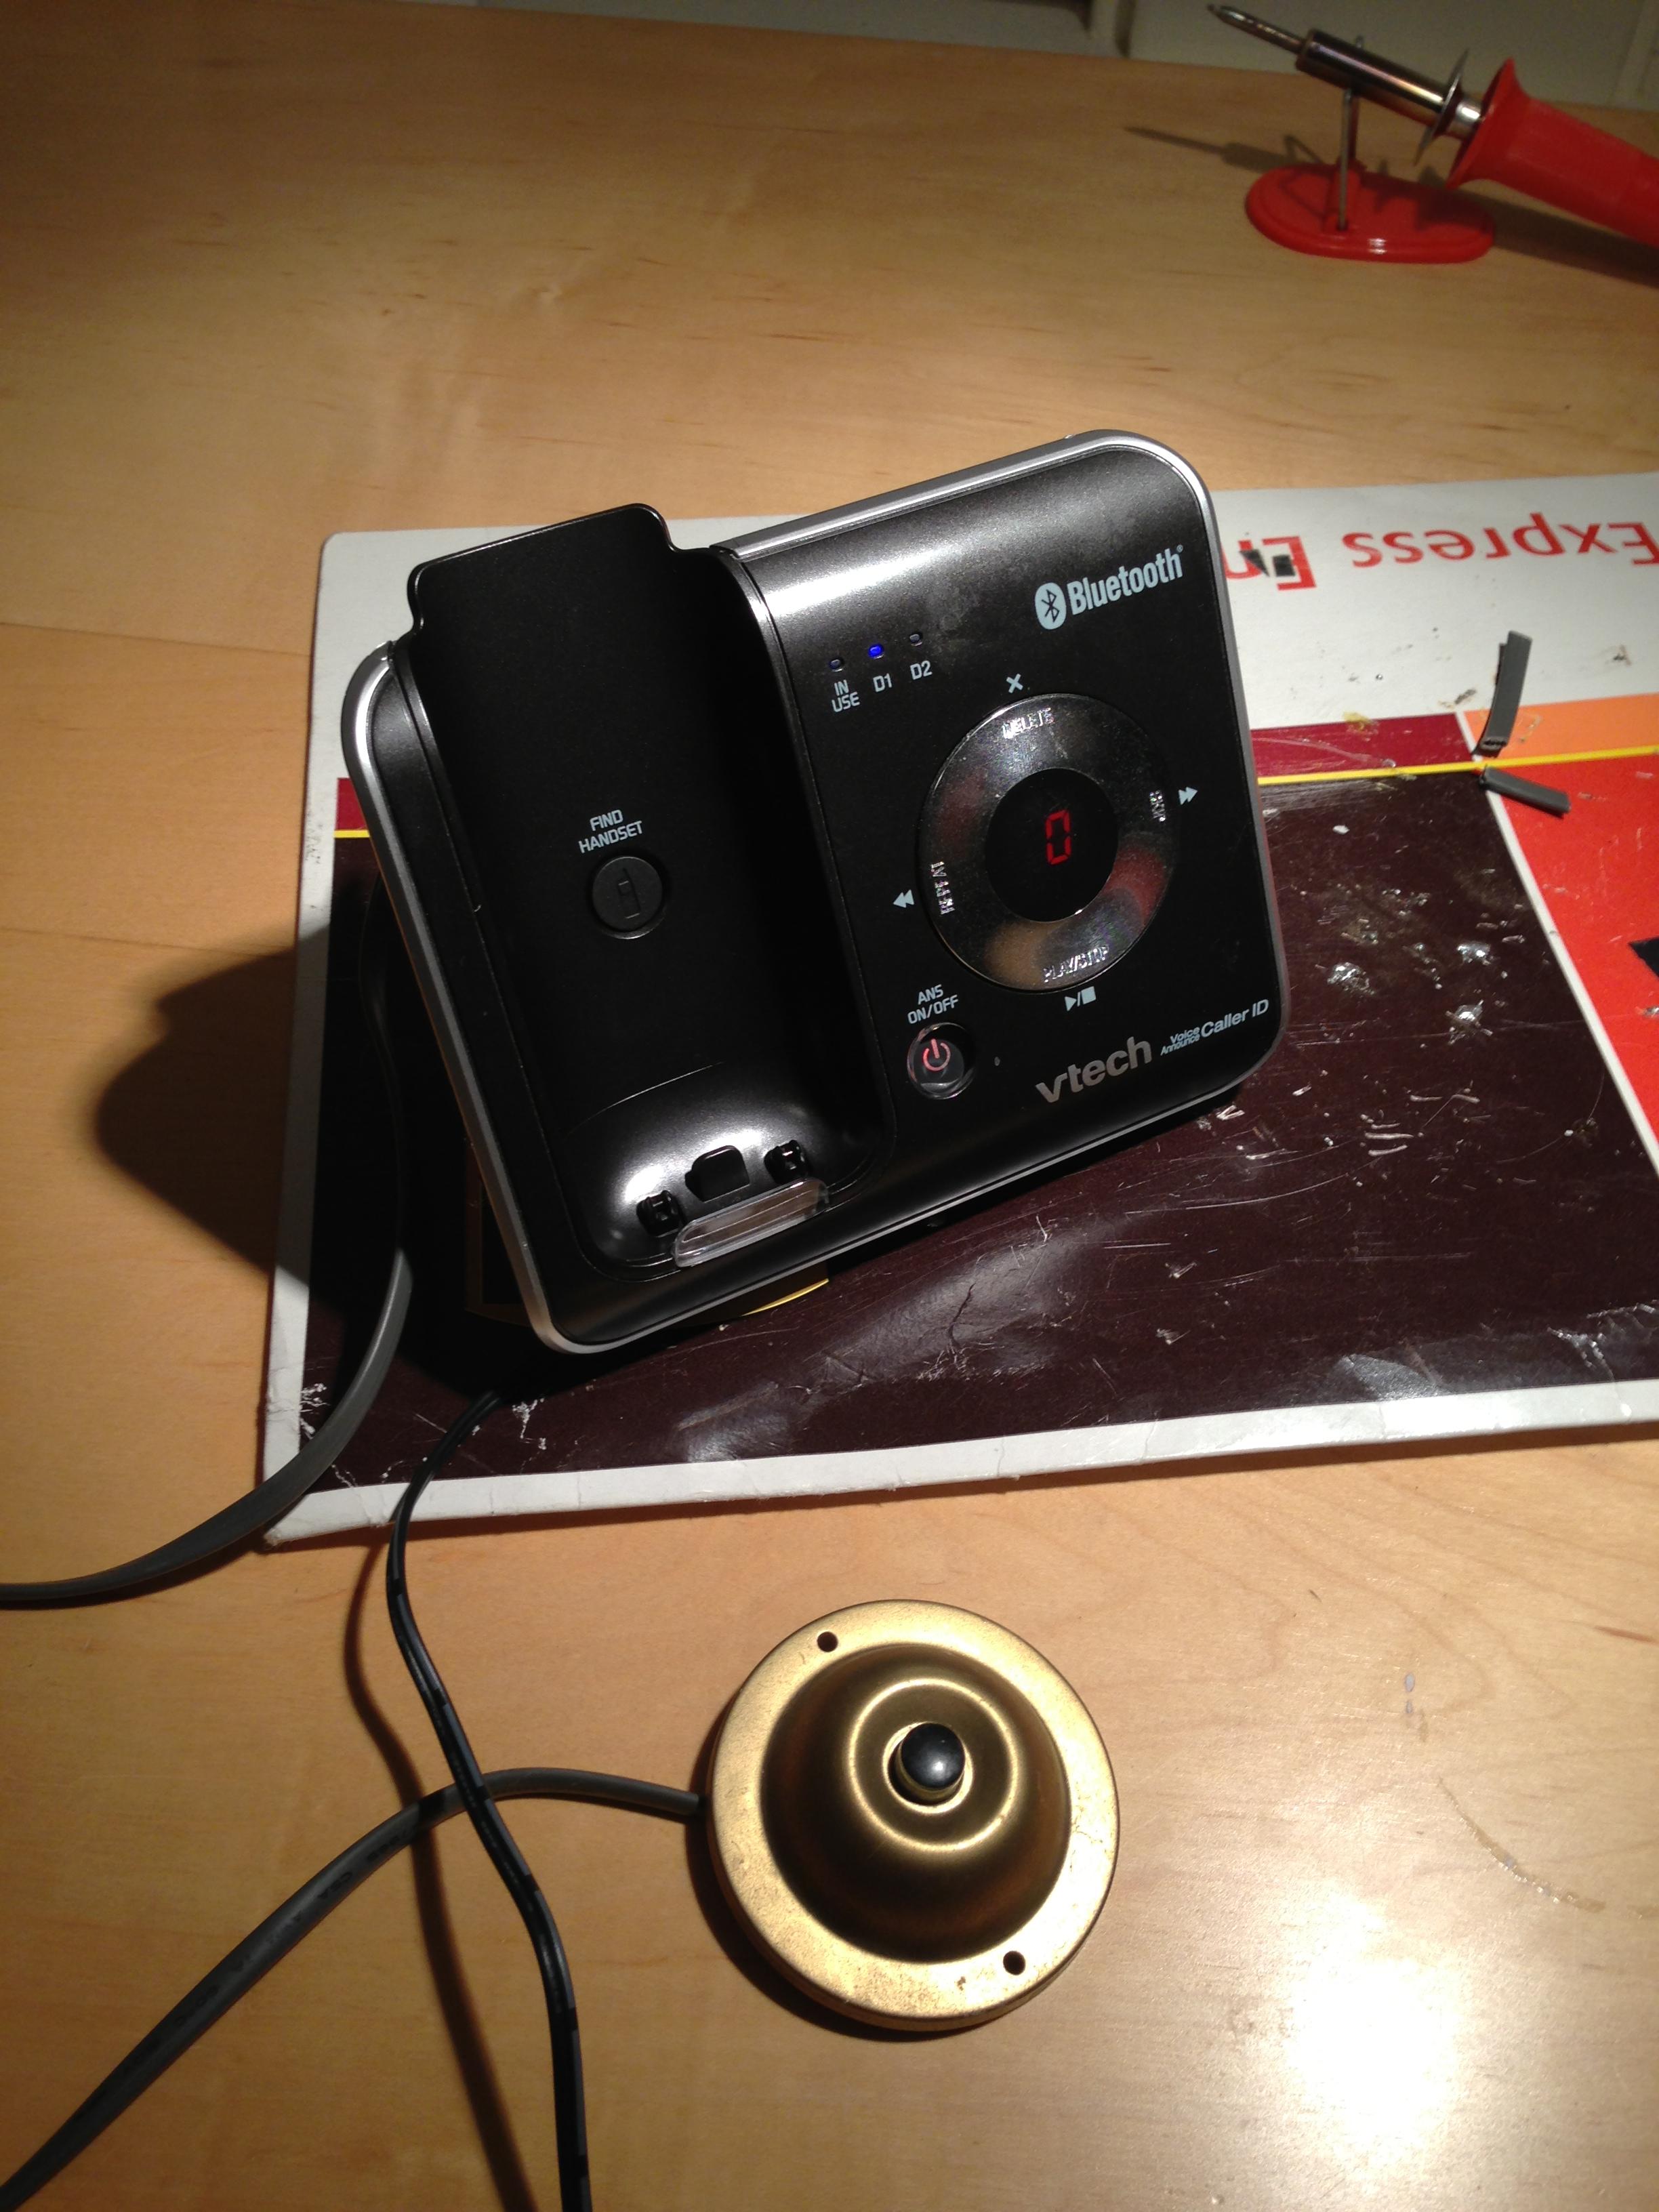 DIY Doorbell to House Phones